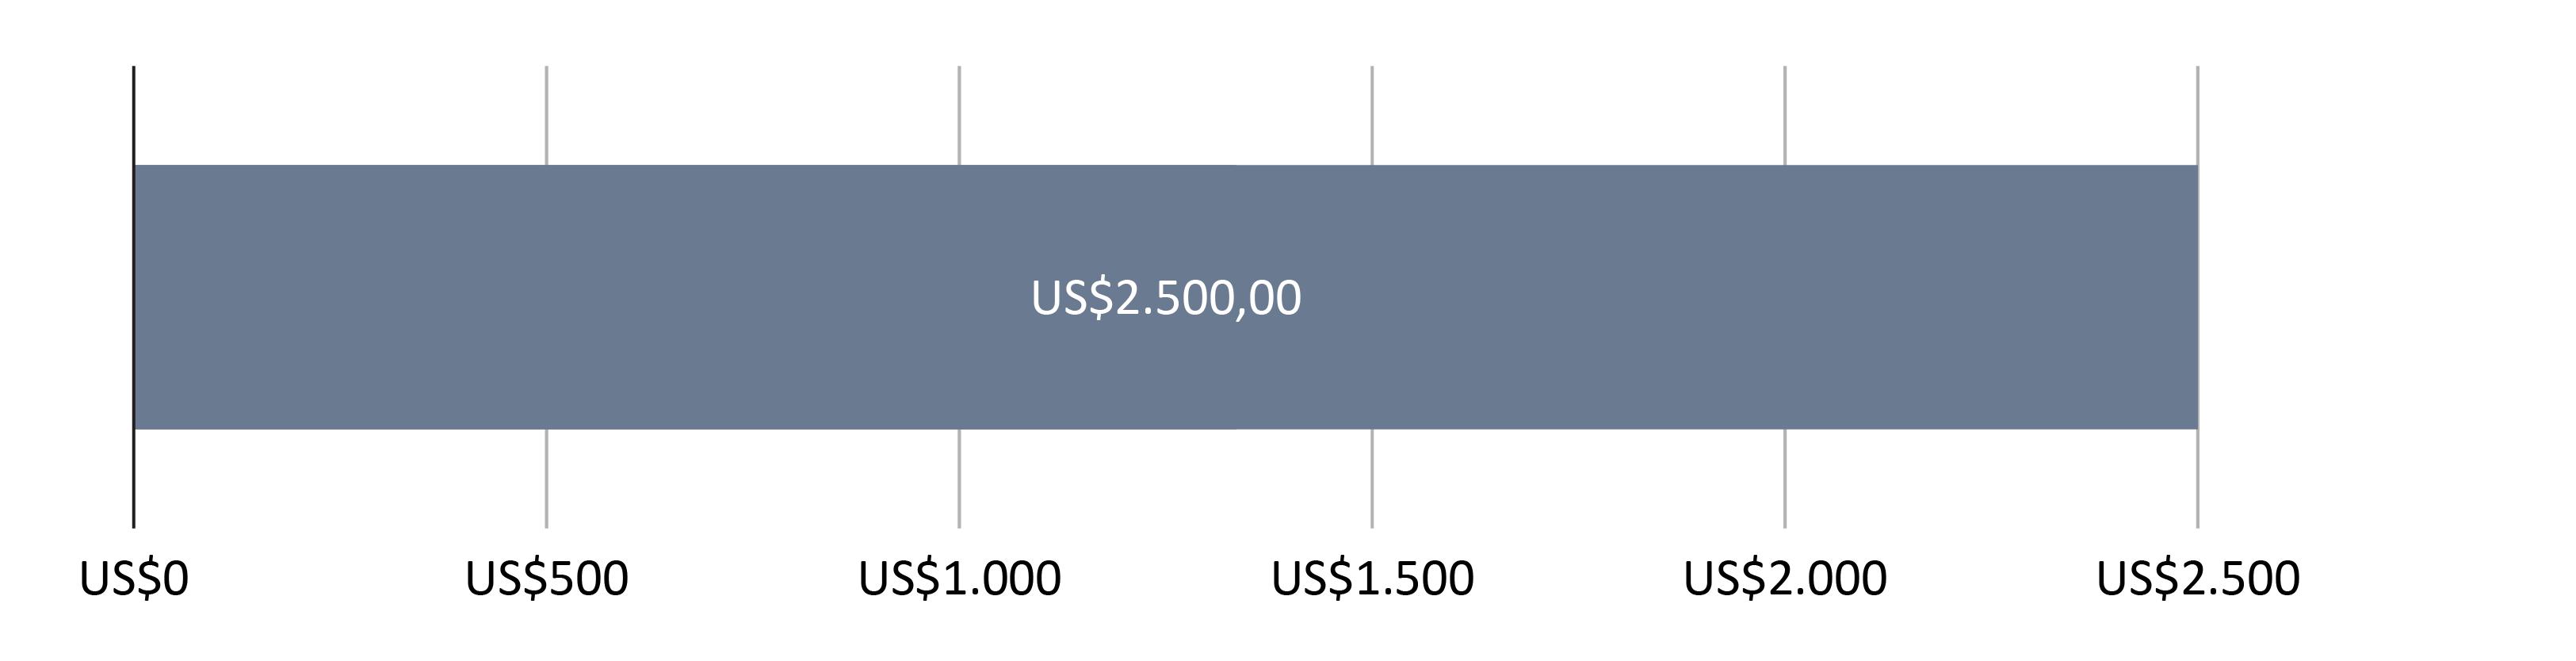 Digunakan US$0; tersisa US$2.500,00